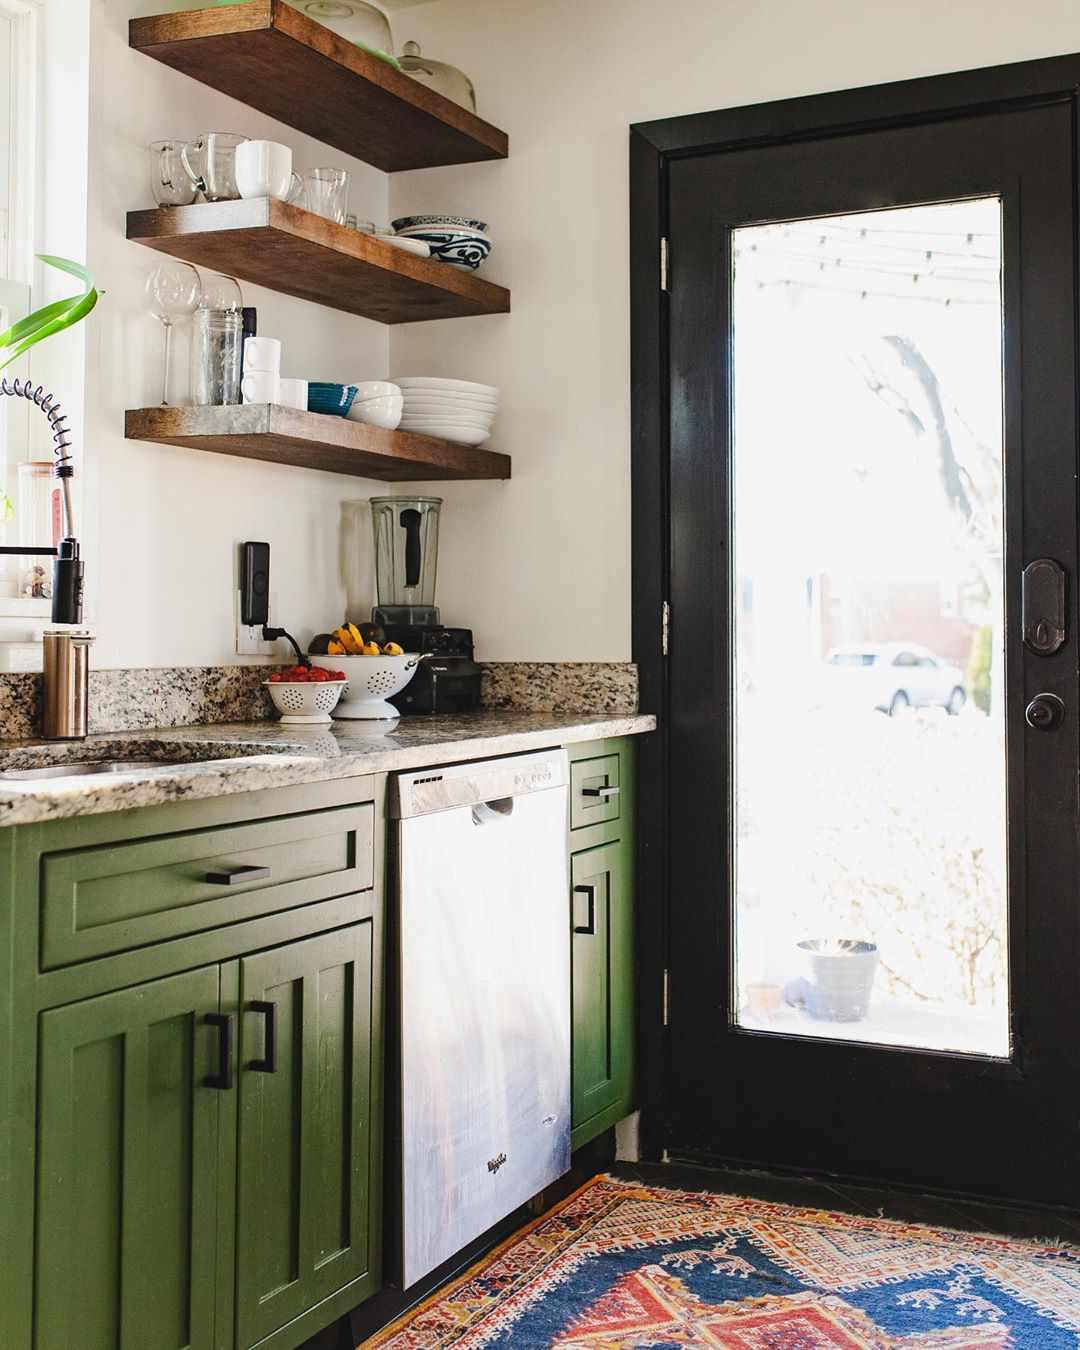 Medium green kitchen